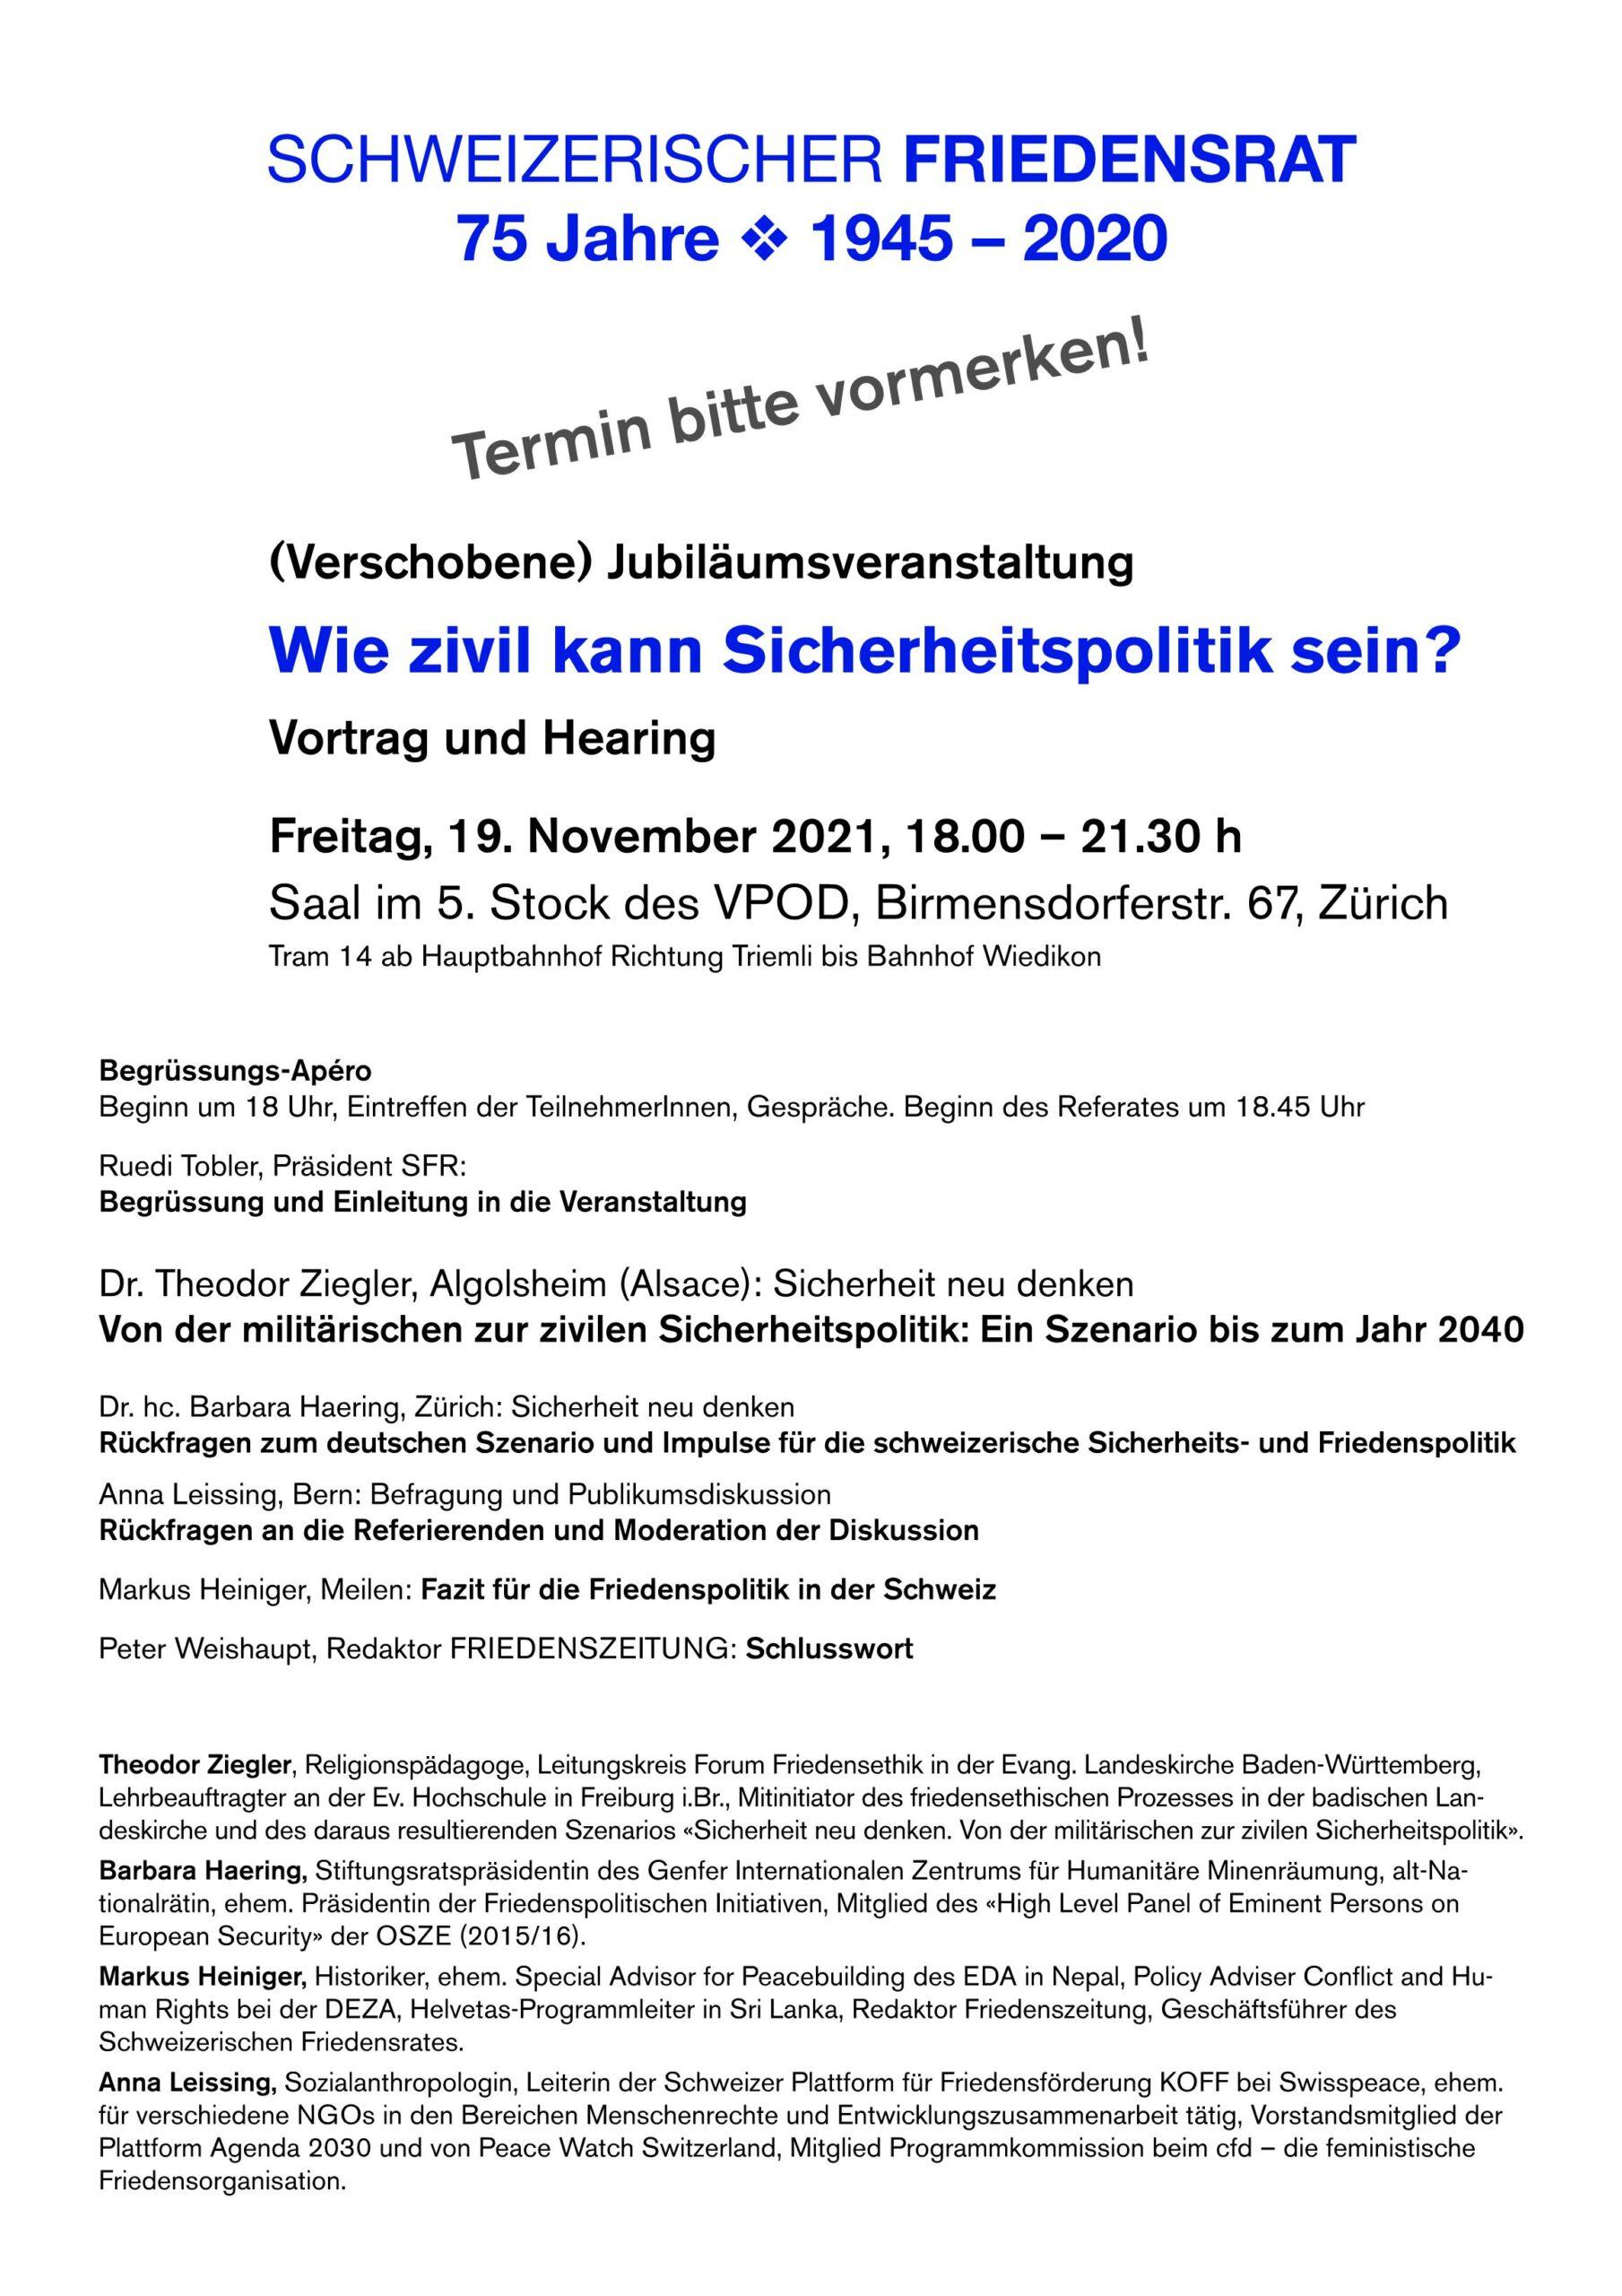 (Verschobene) Jubiläumsveranstaltung: Wie zivil kann Sicherheitspolitik sein? 19. November um 18 Uhr